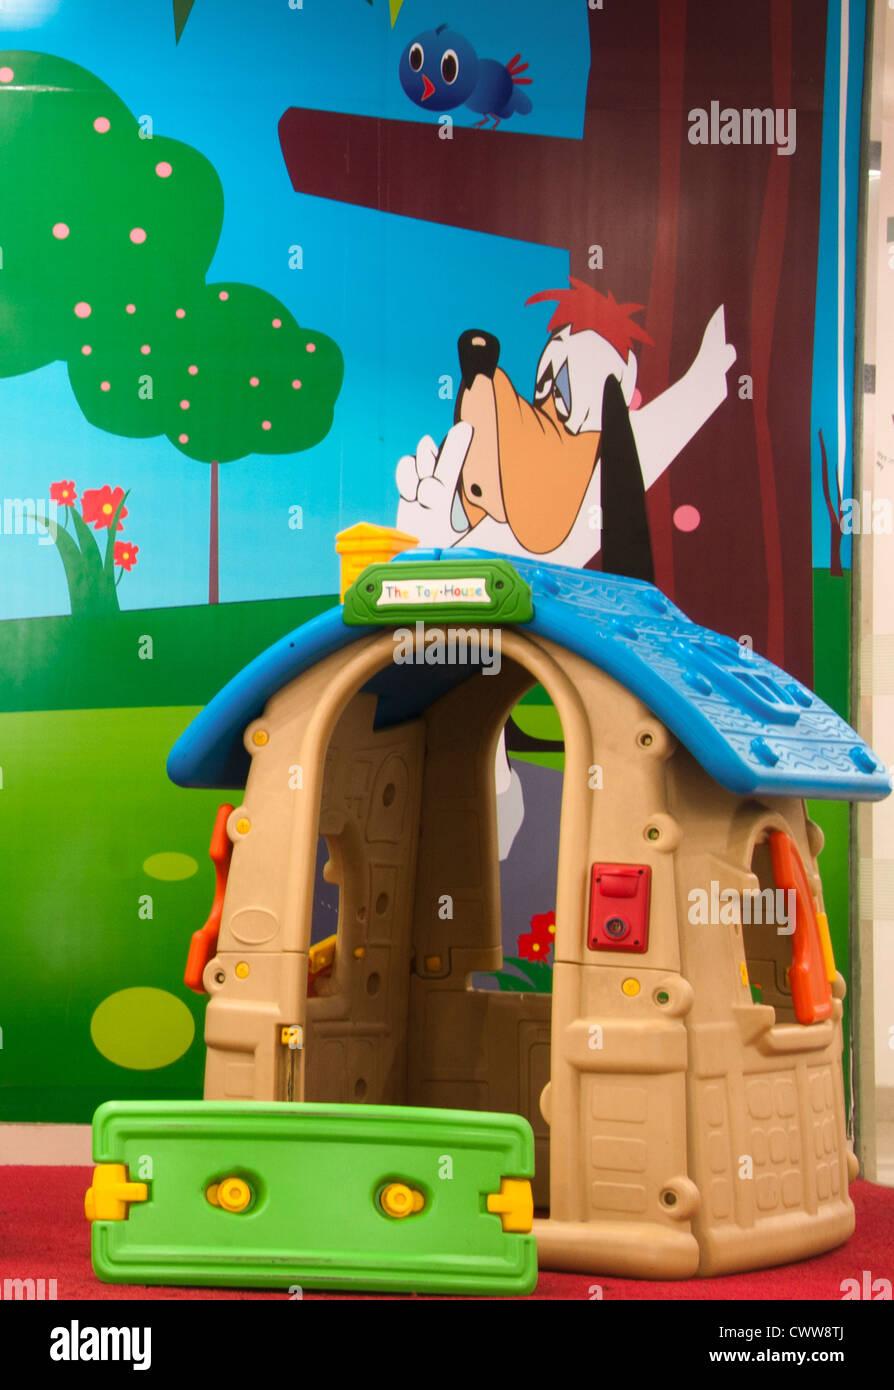 Casa giocattolo e far scorrere in asilo nido e scuola materna Immagini Stock